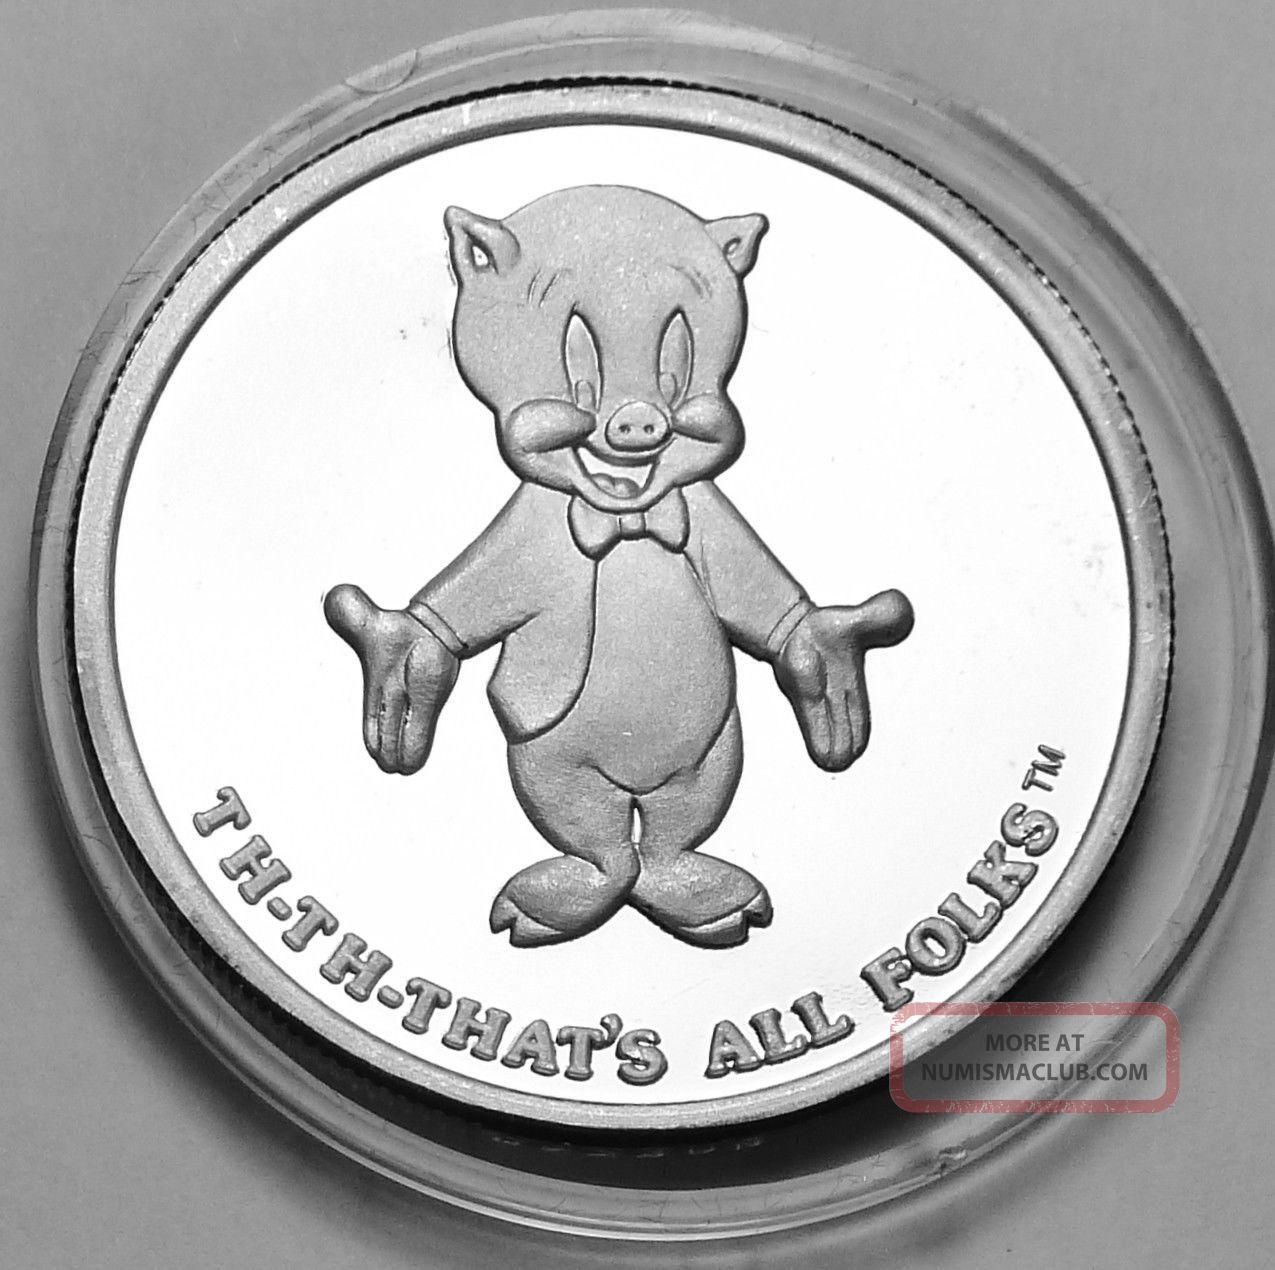 1 Oz Silver American Eagle Colorized Perth Mint Oz